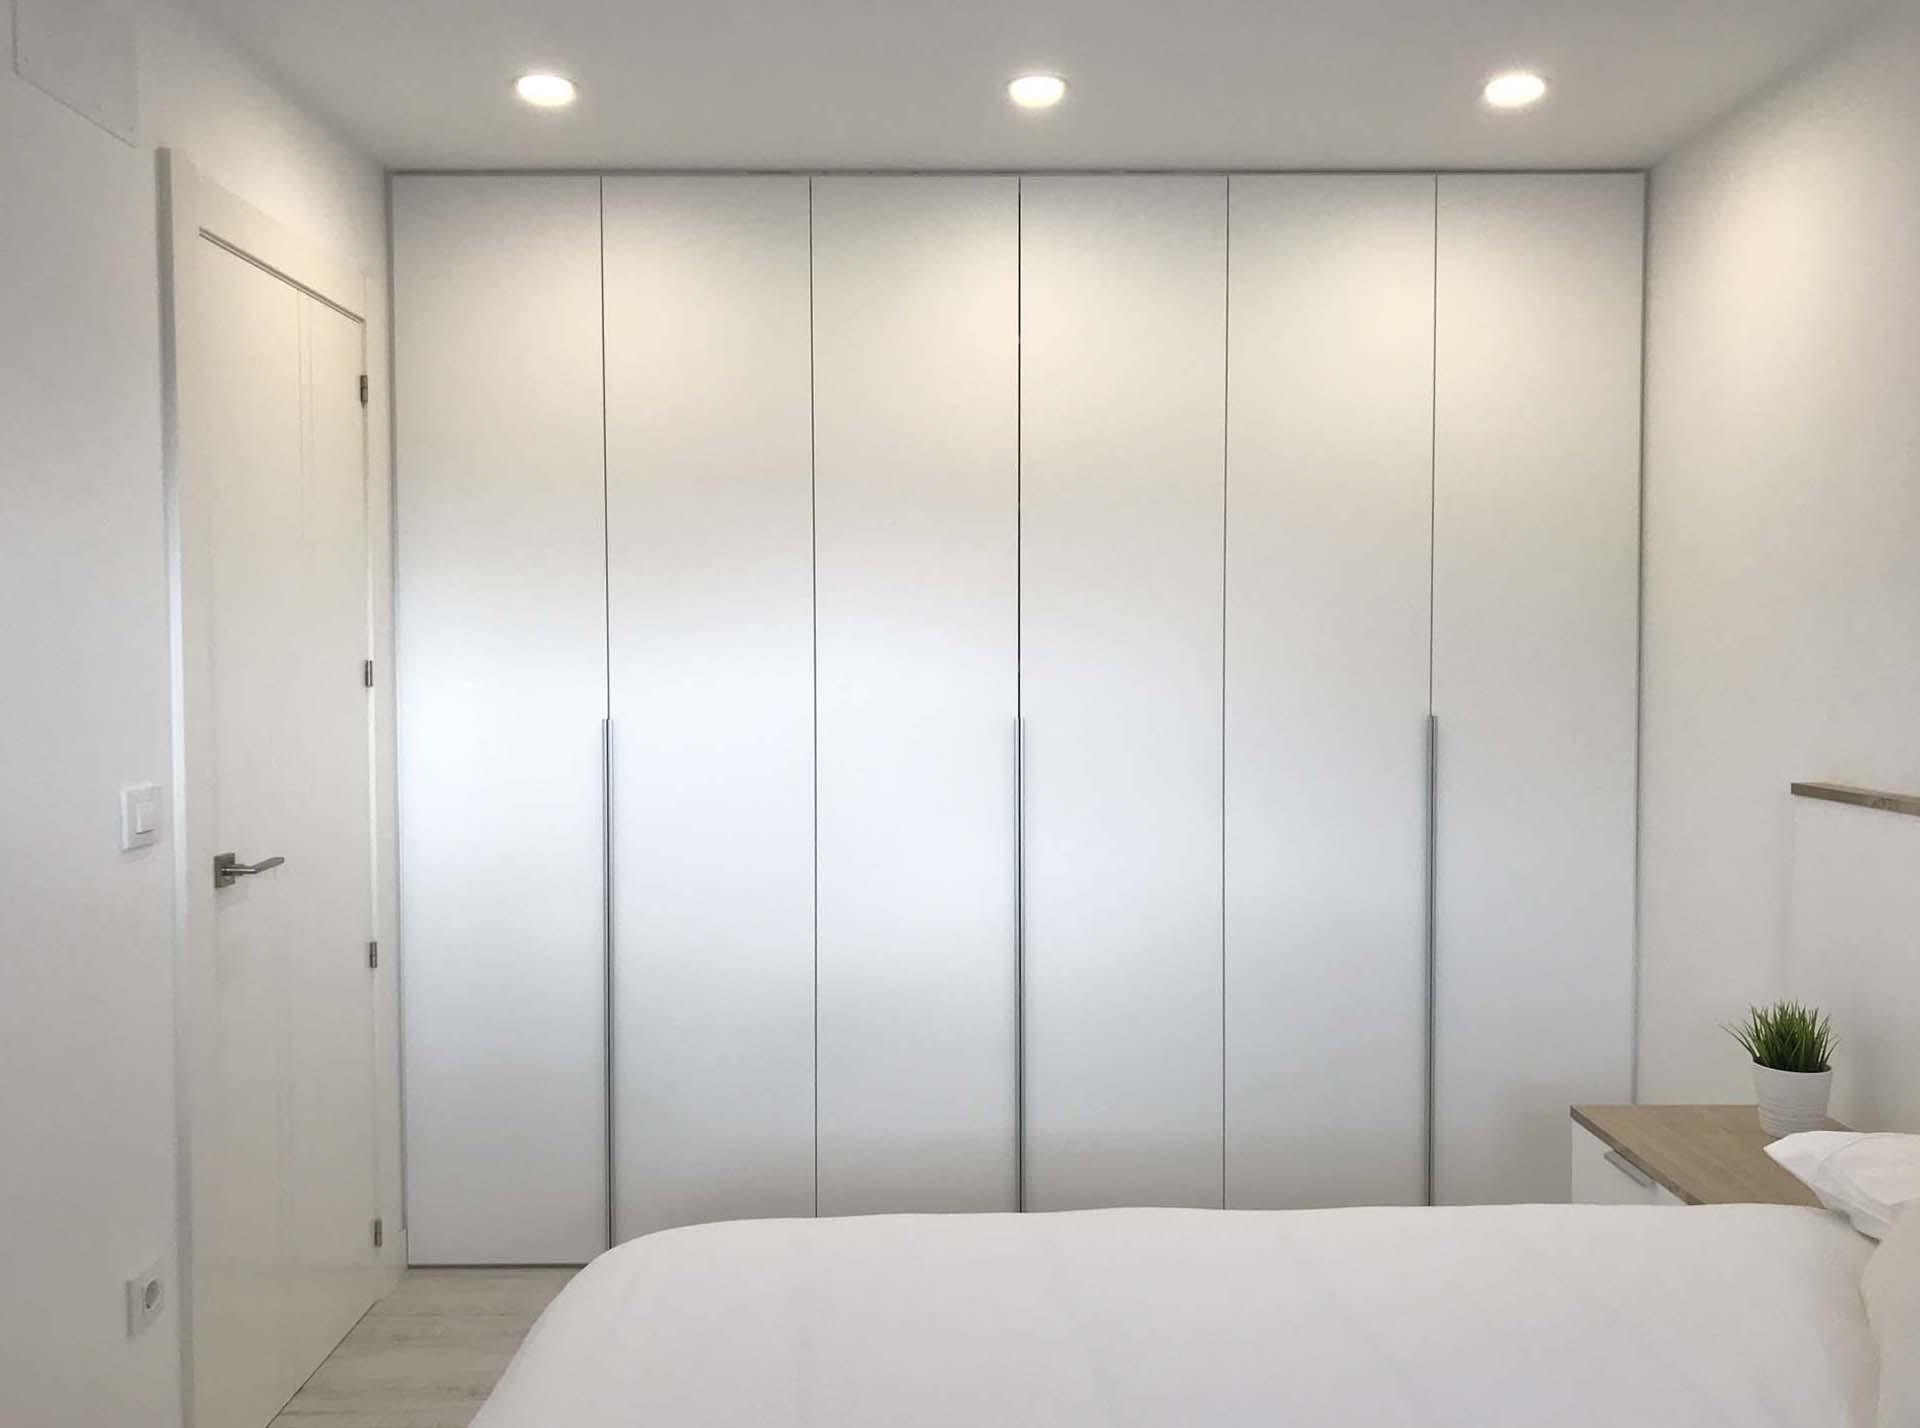 armario empotrado moderno blanco